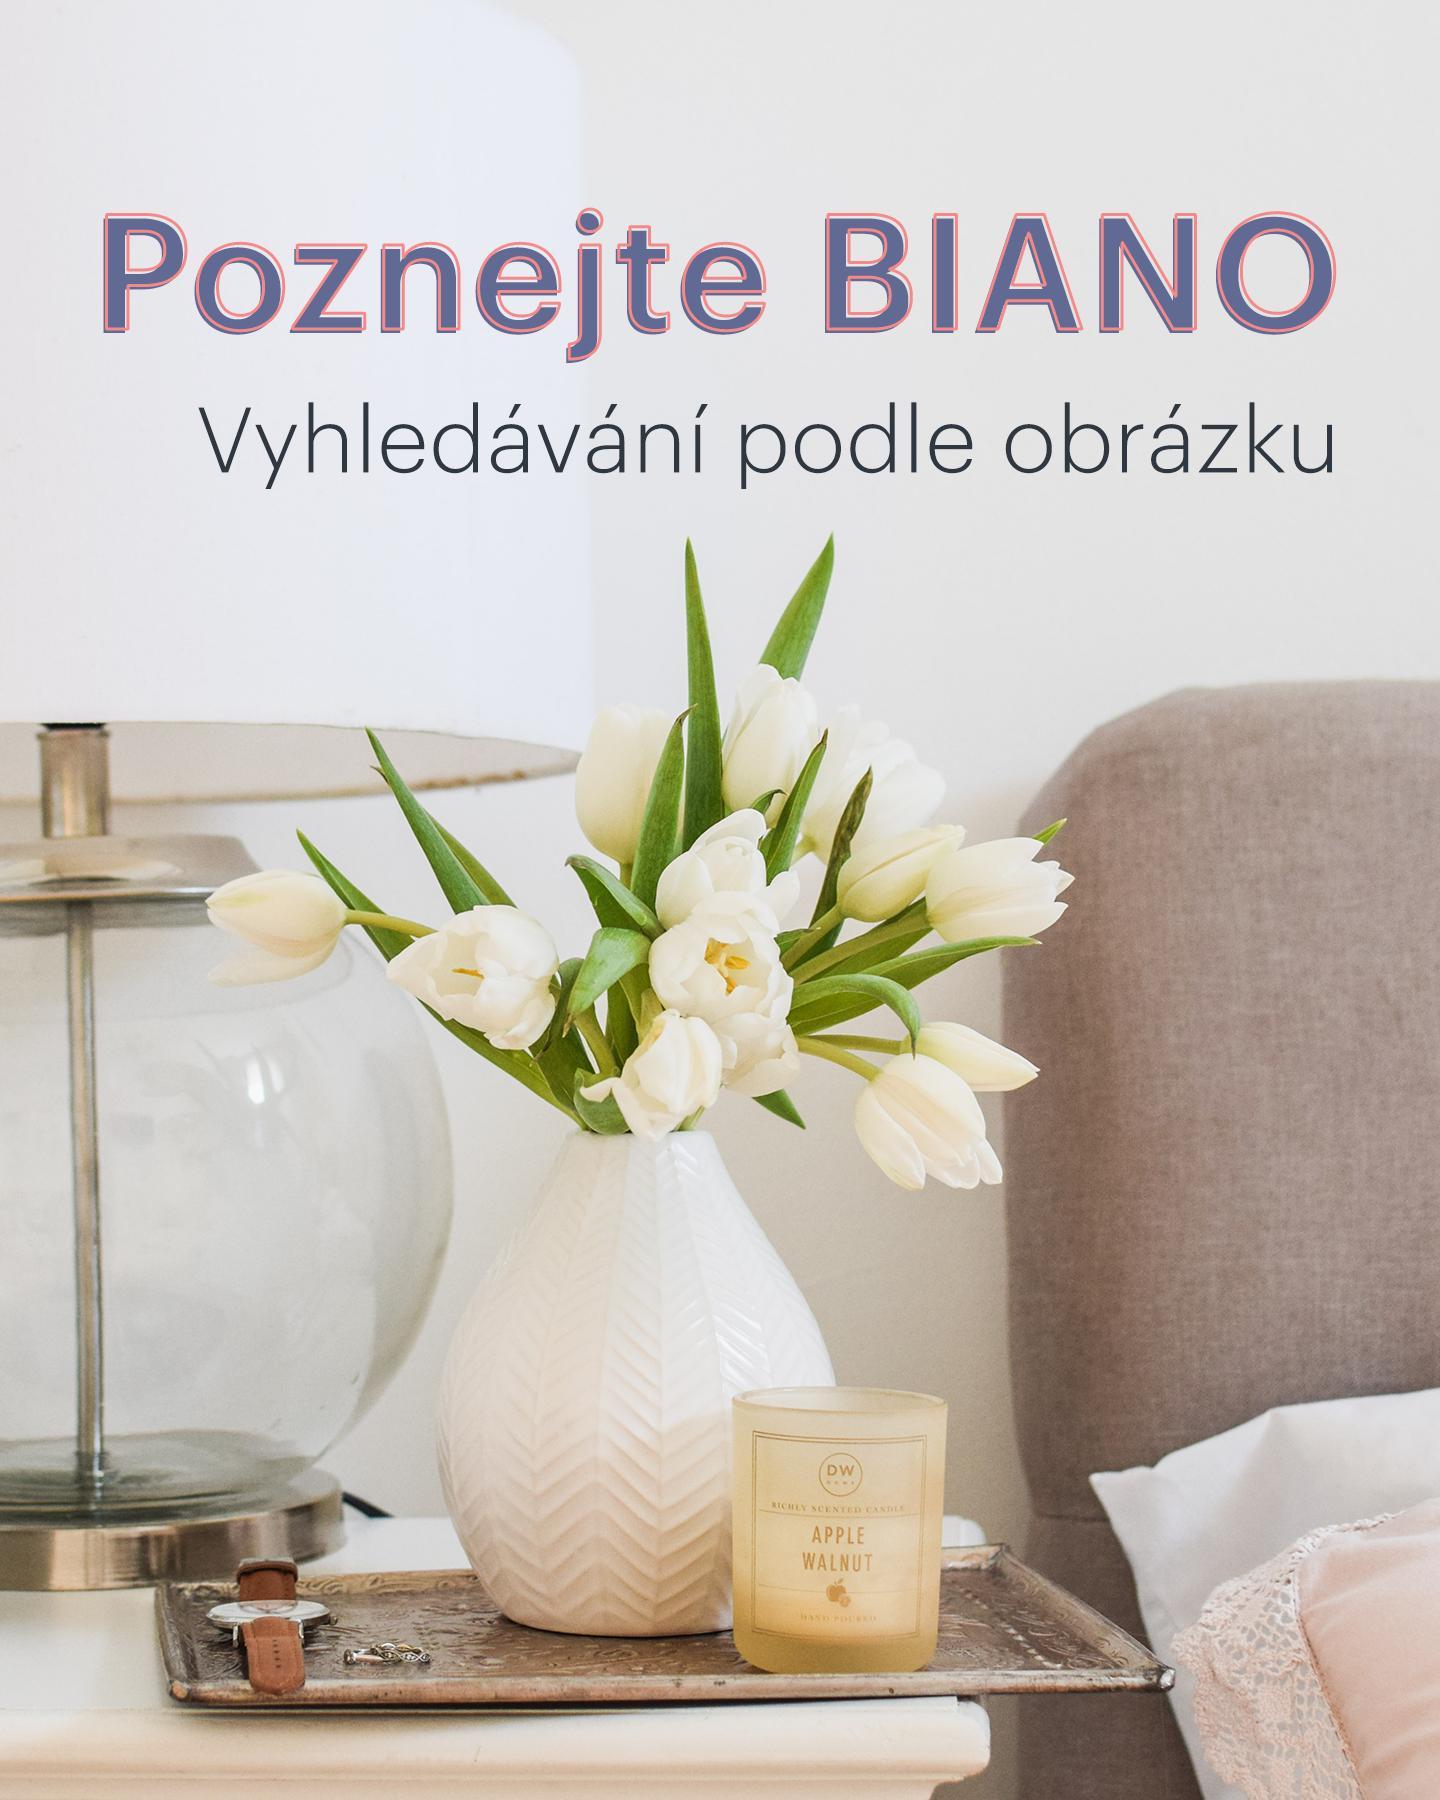 Už jste zkoušeli hledat nábytek a dekorace podle obrázky?❤️ Ušetří vám čas i peníze!📷 Jděte na www.biano.cz a vyzkoušejte to.⭐ - Obrázek č. 1